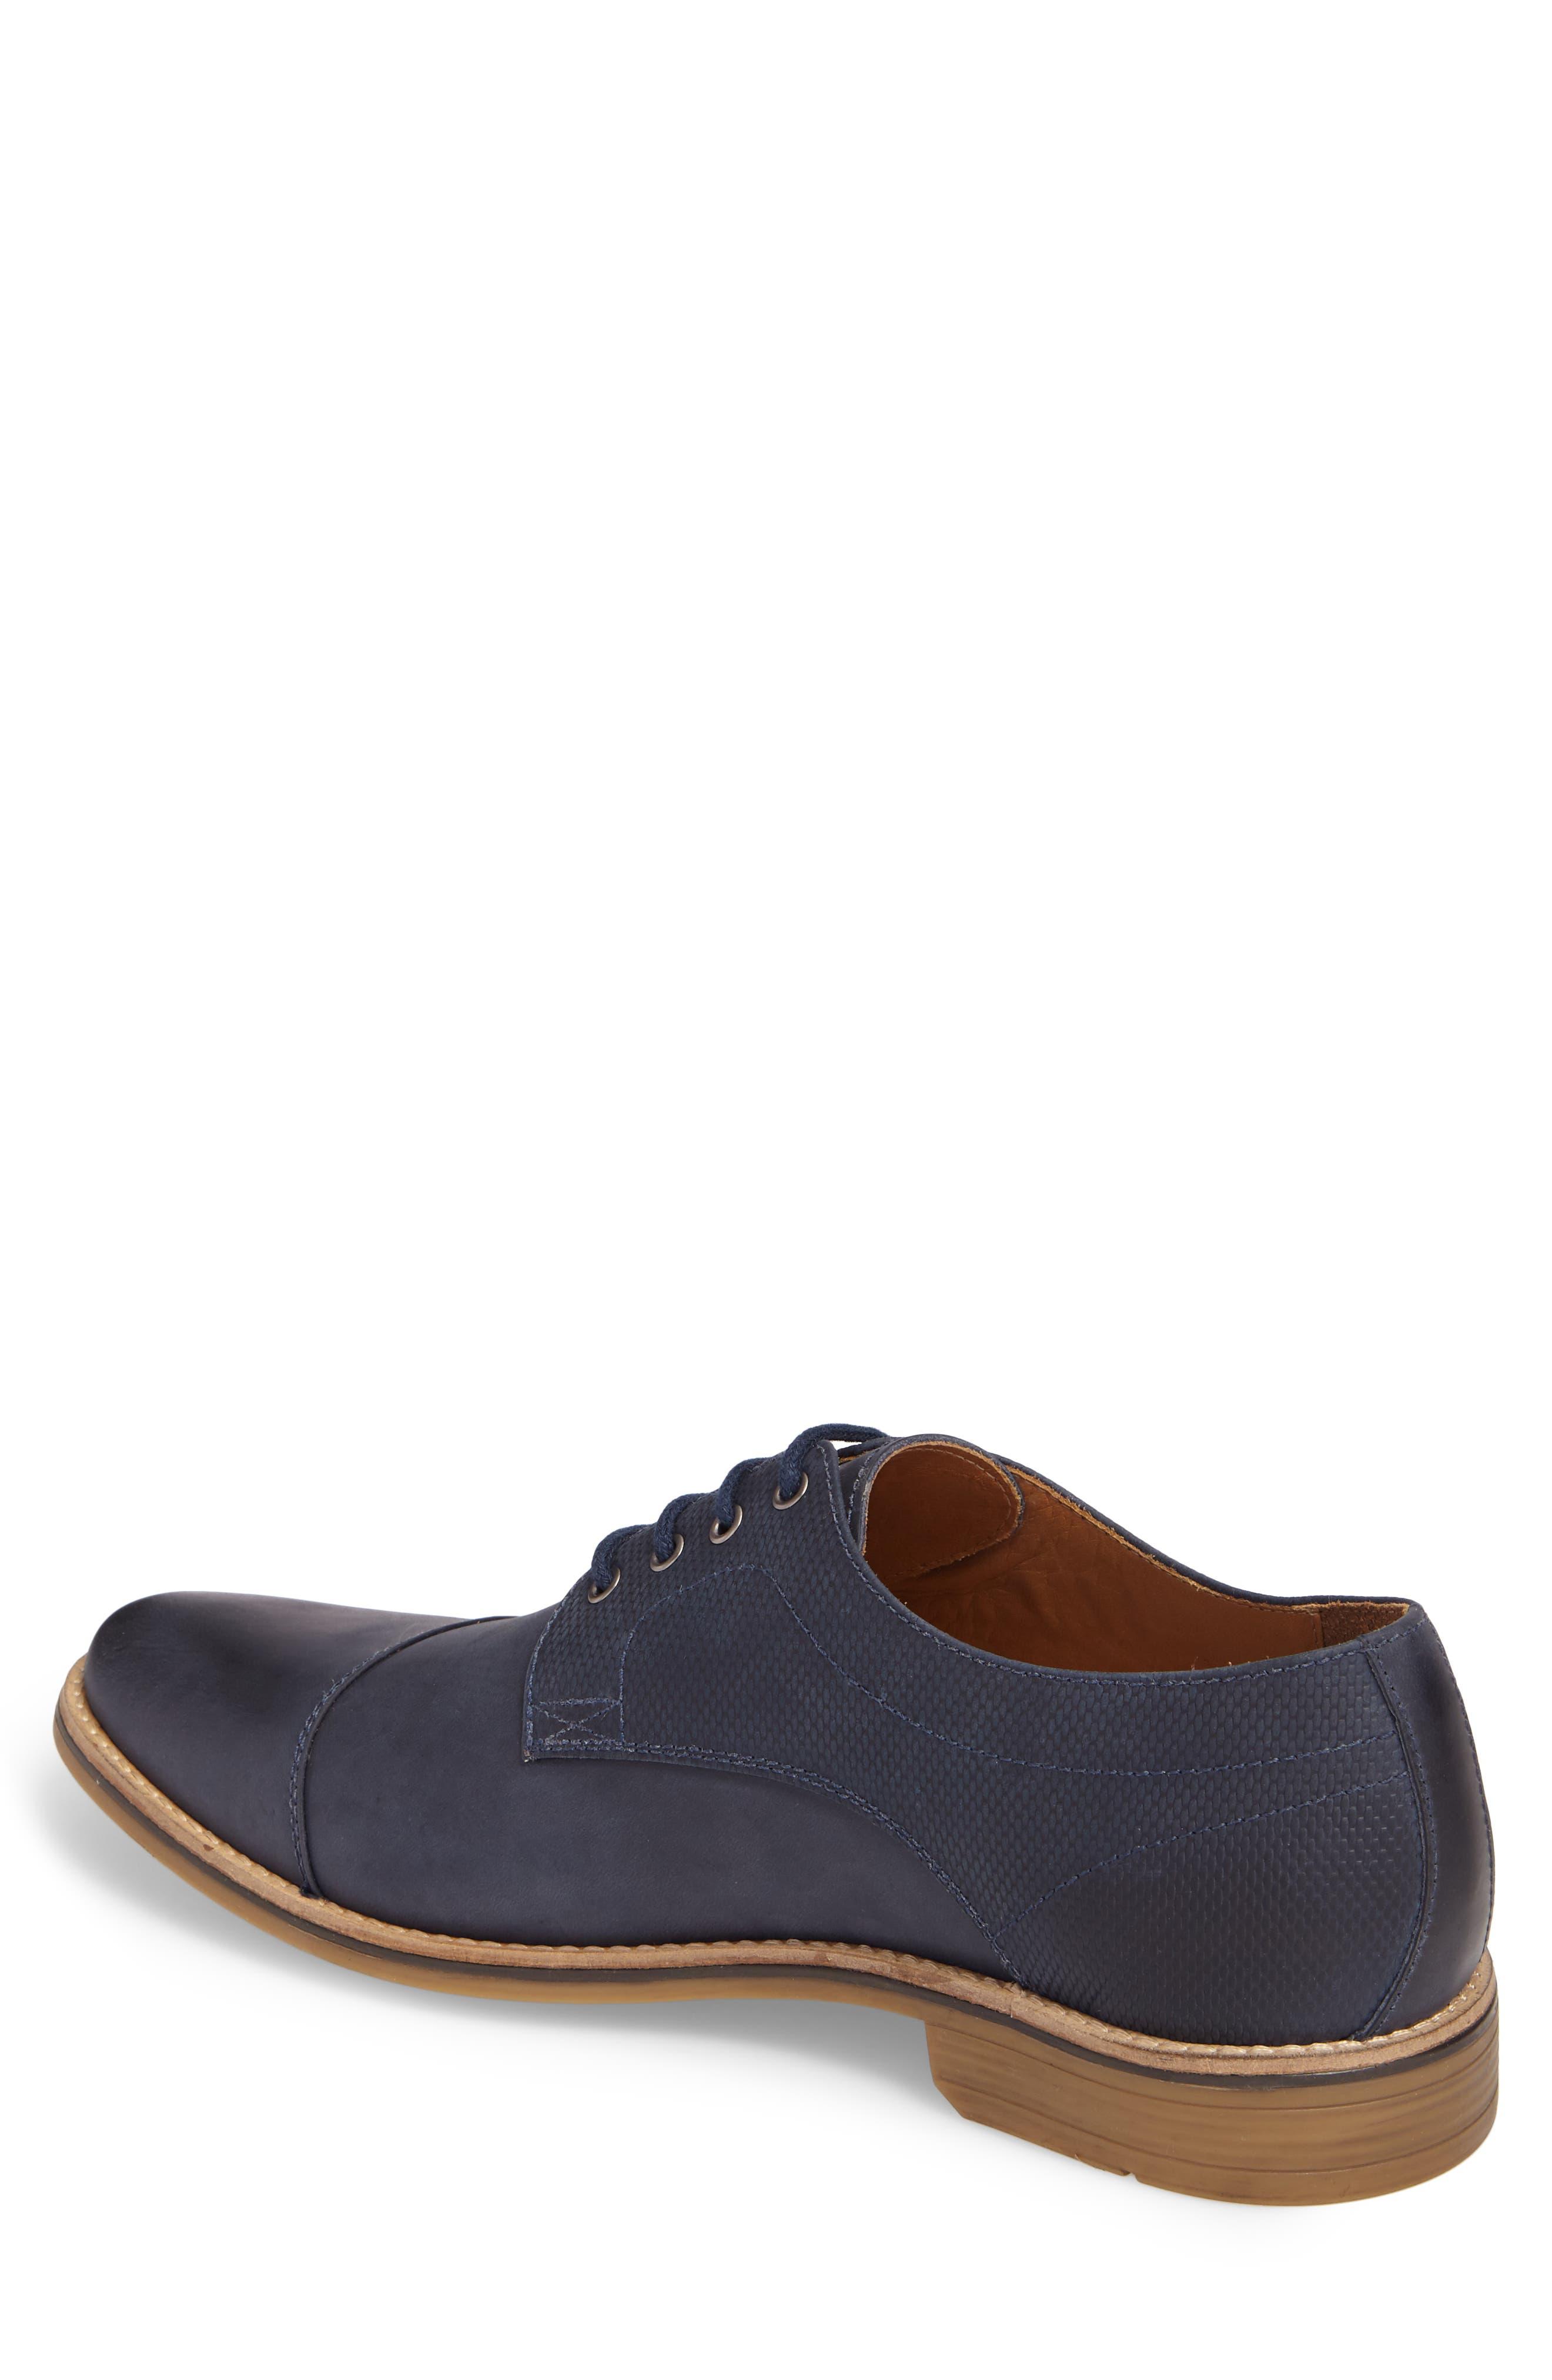 b7573661c33 Men s 1901 Dress Shoes